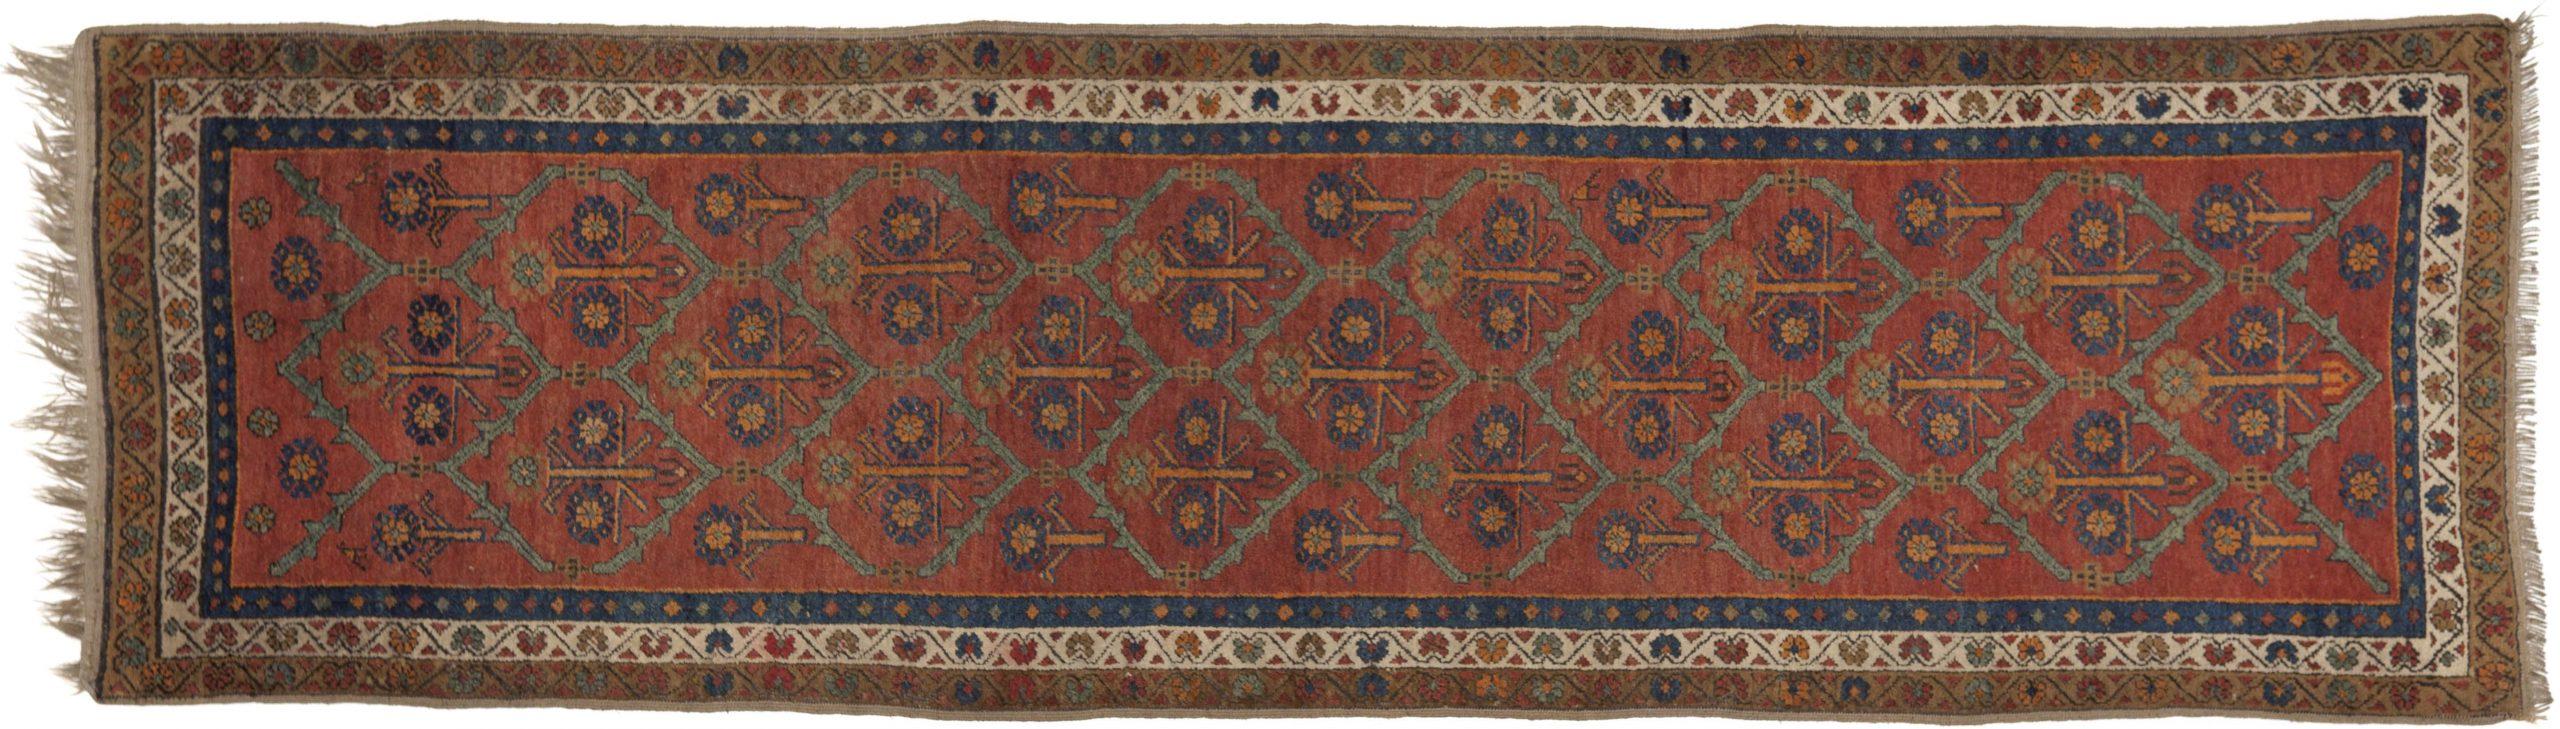 Objeto museológico (tapete)